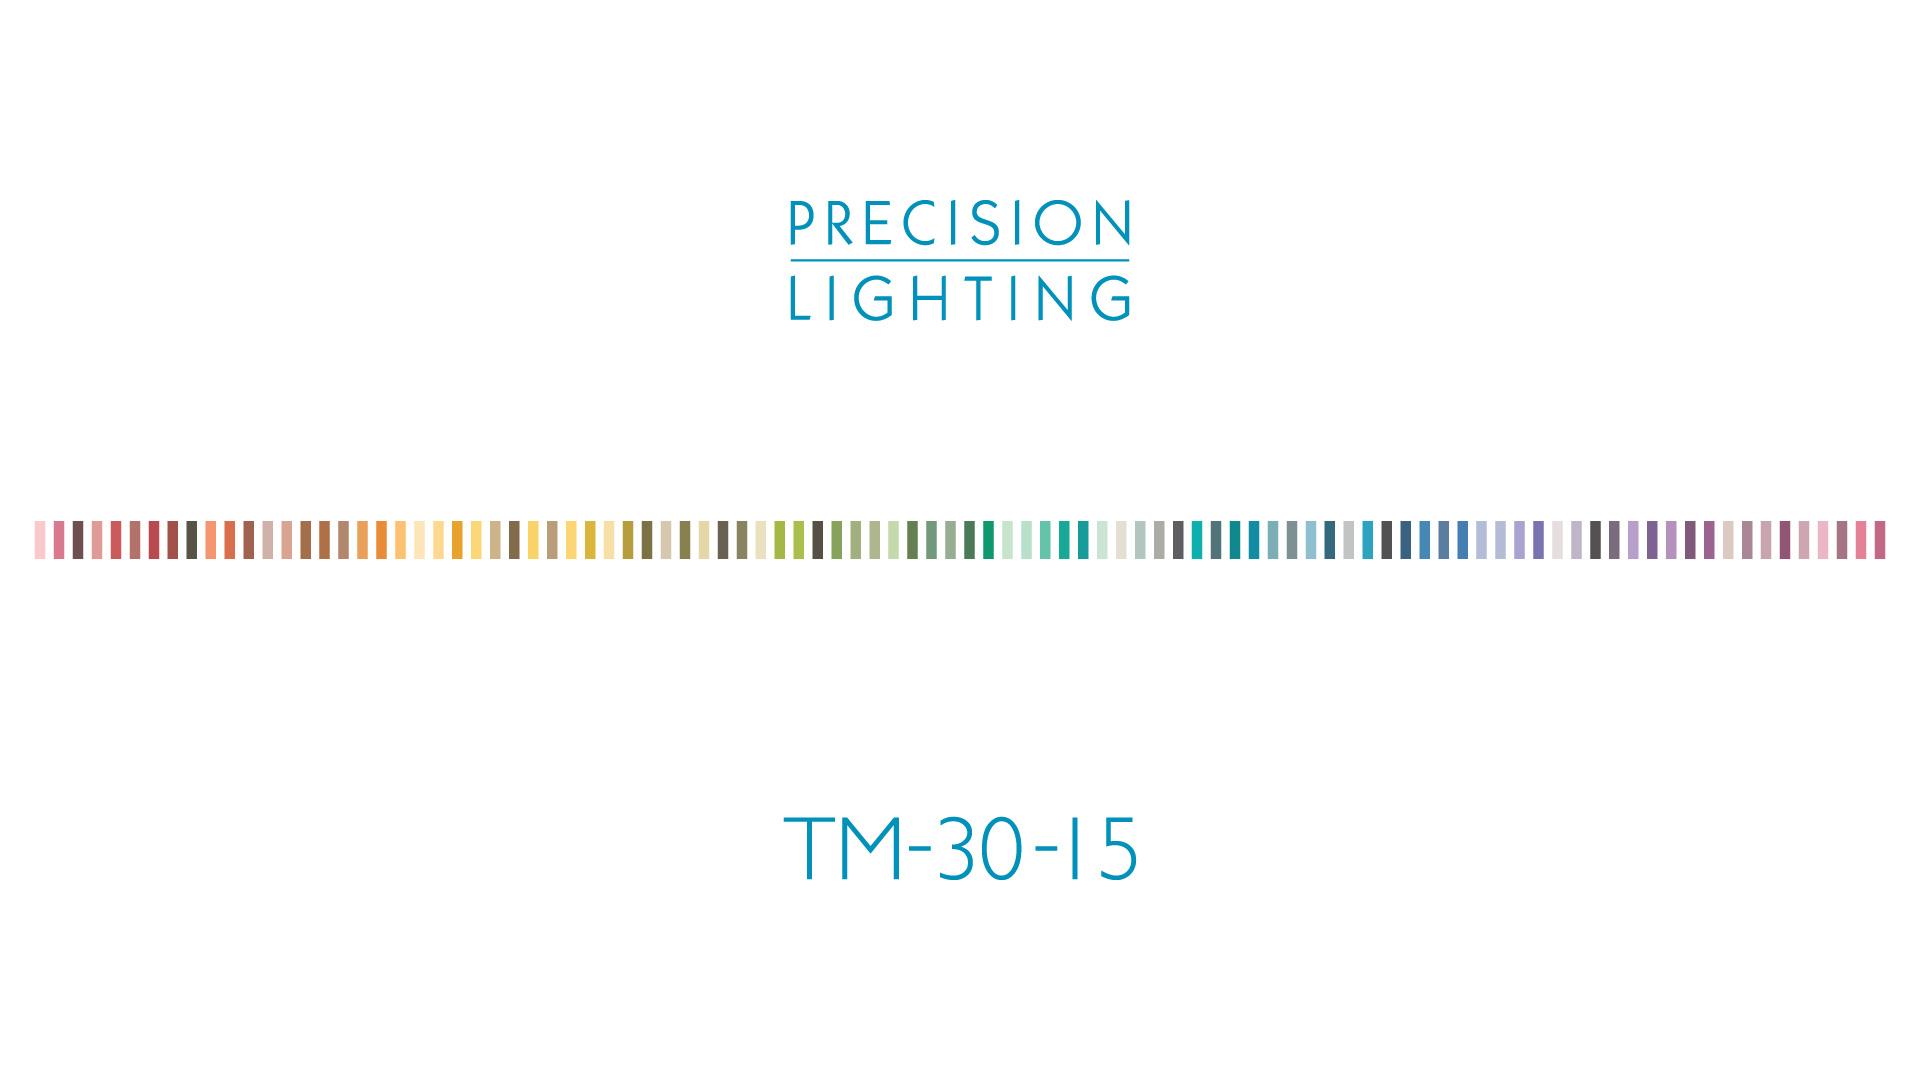 tm-30-15-01.jpg